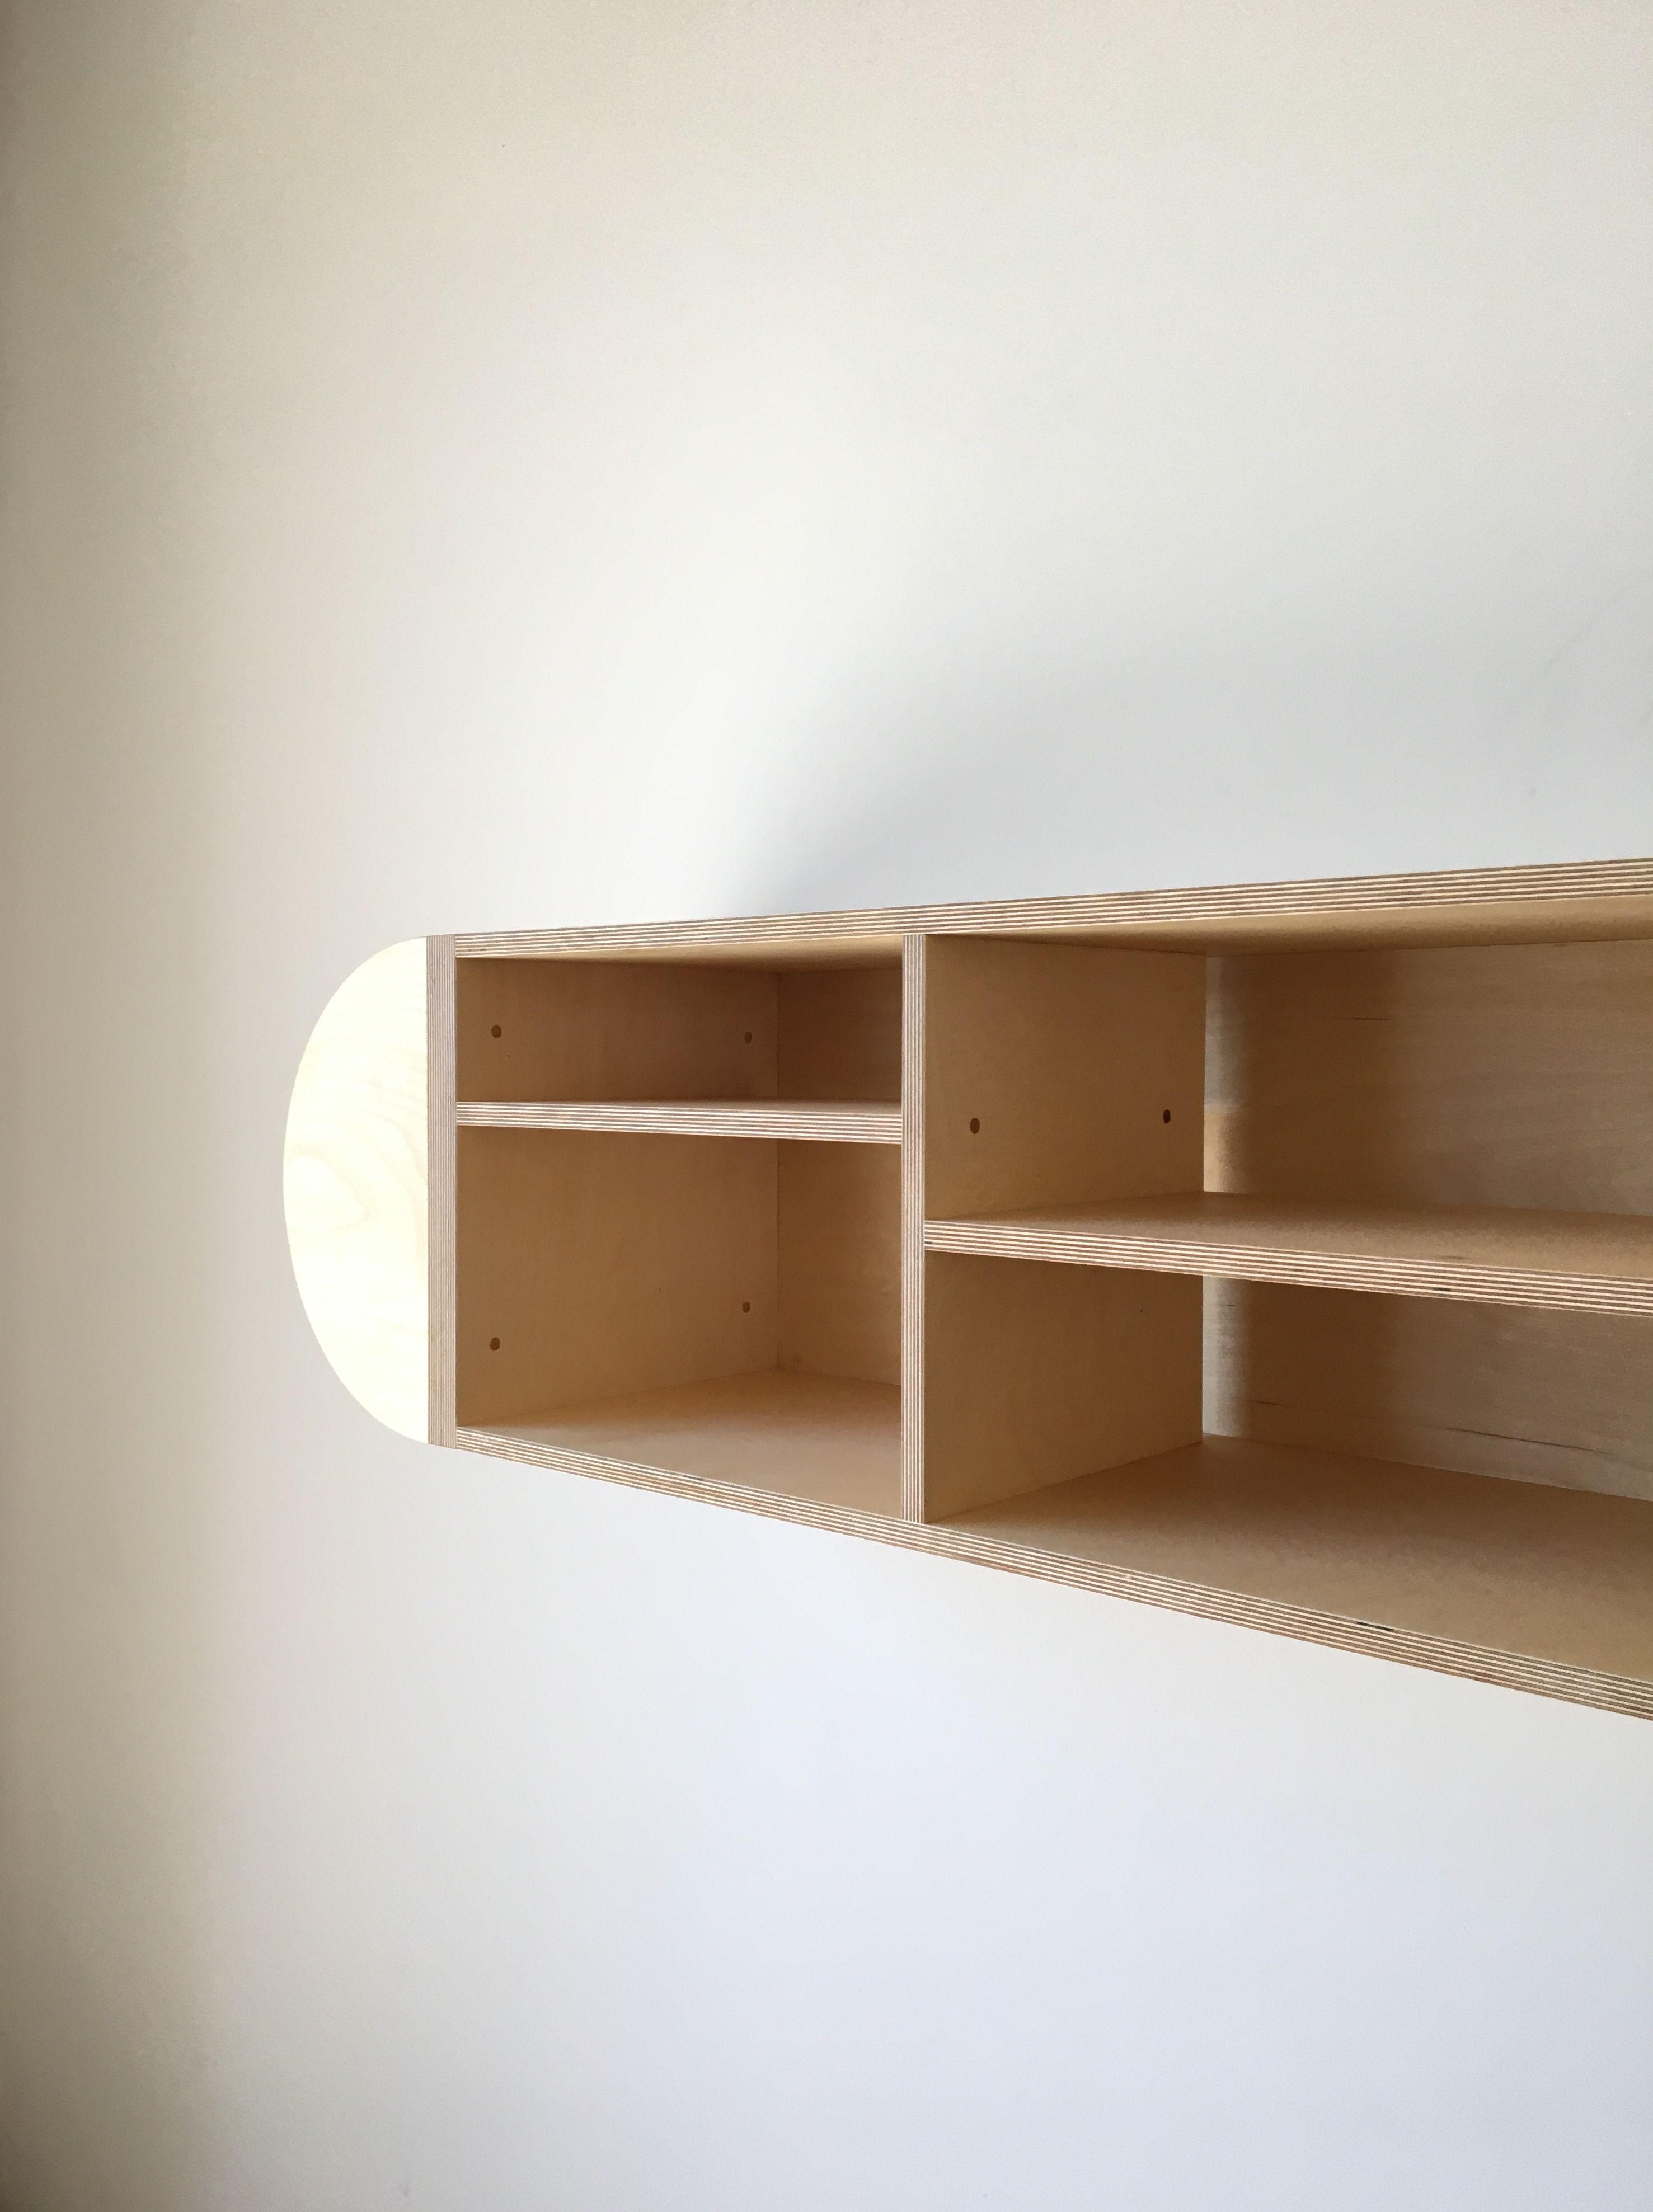 Half Round Storage Unit - Mouthwash Studio product image 3